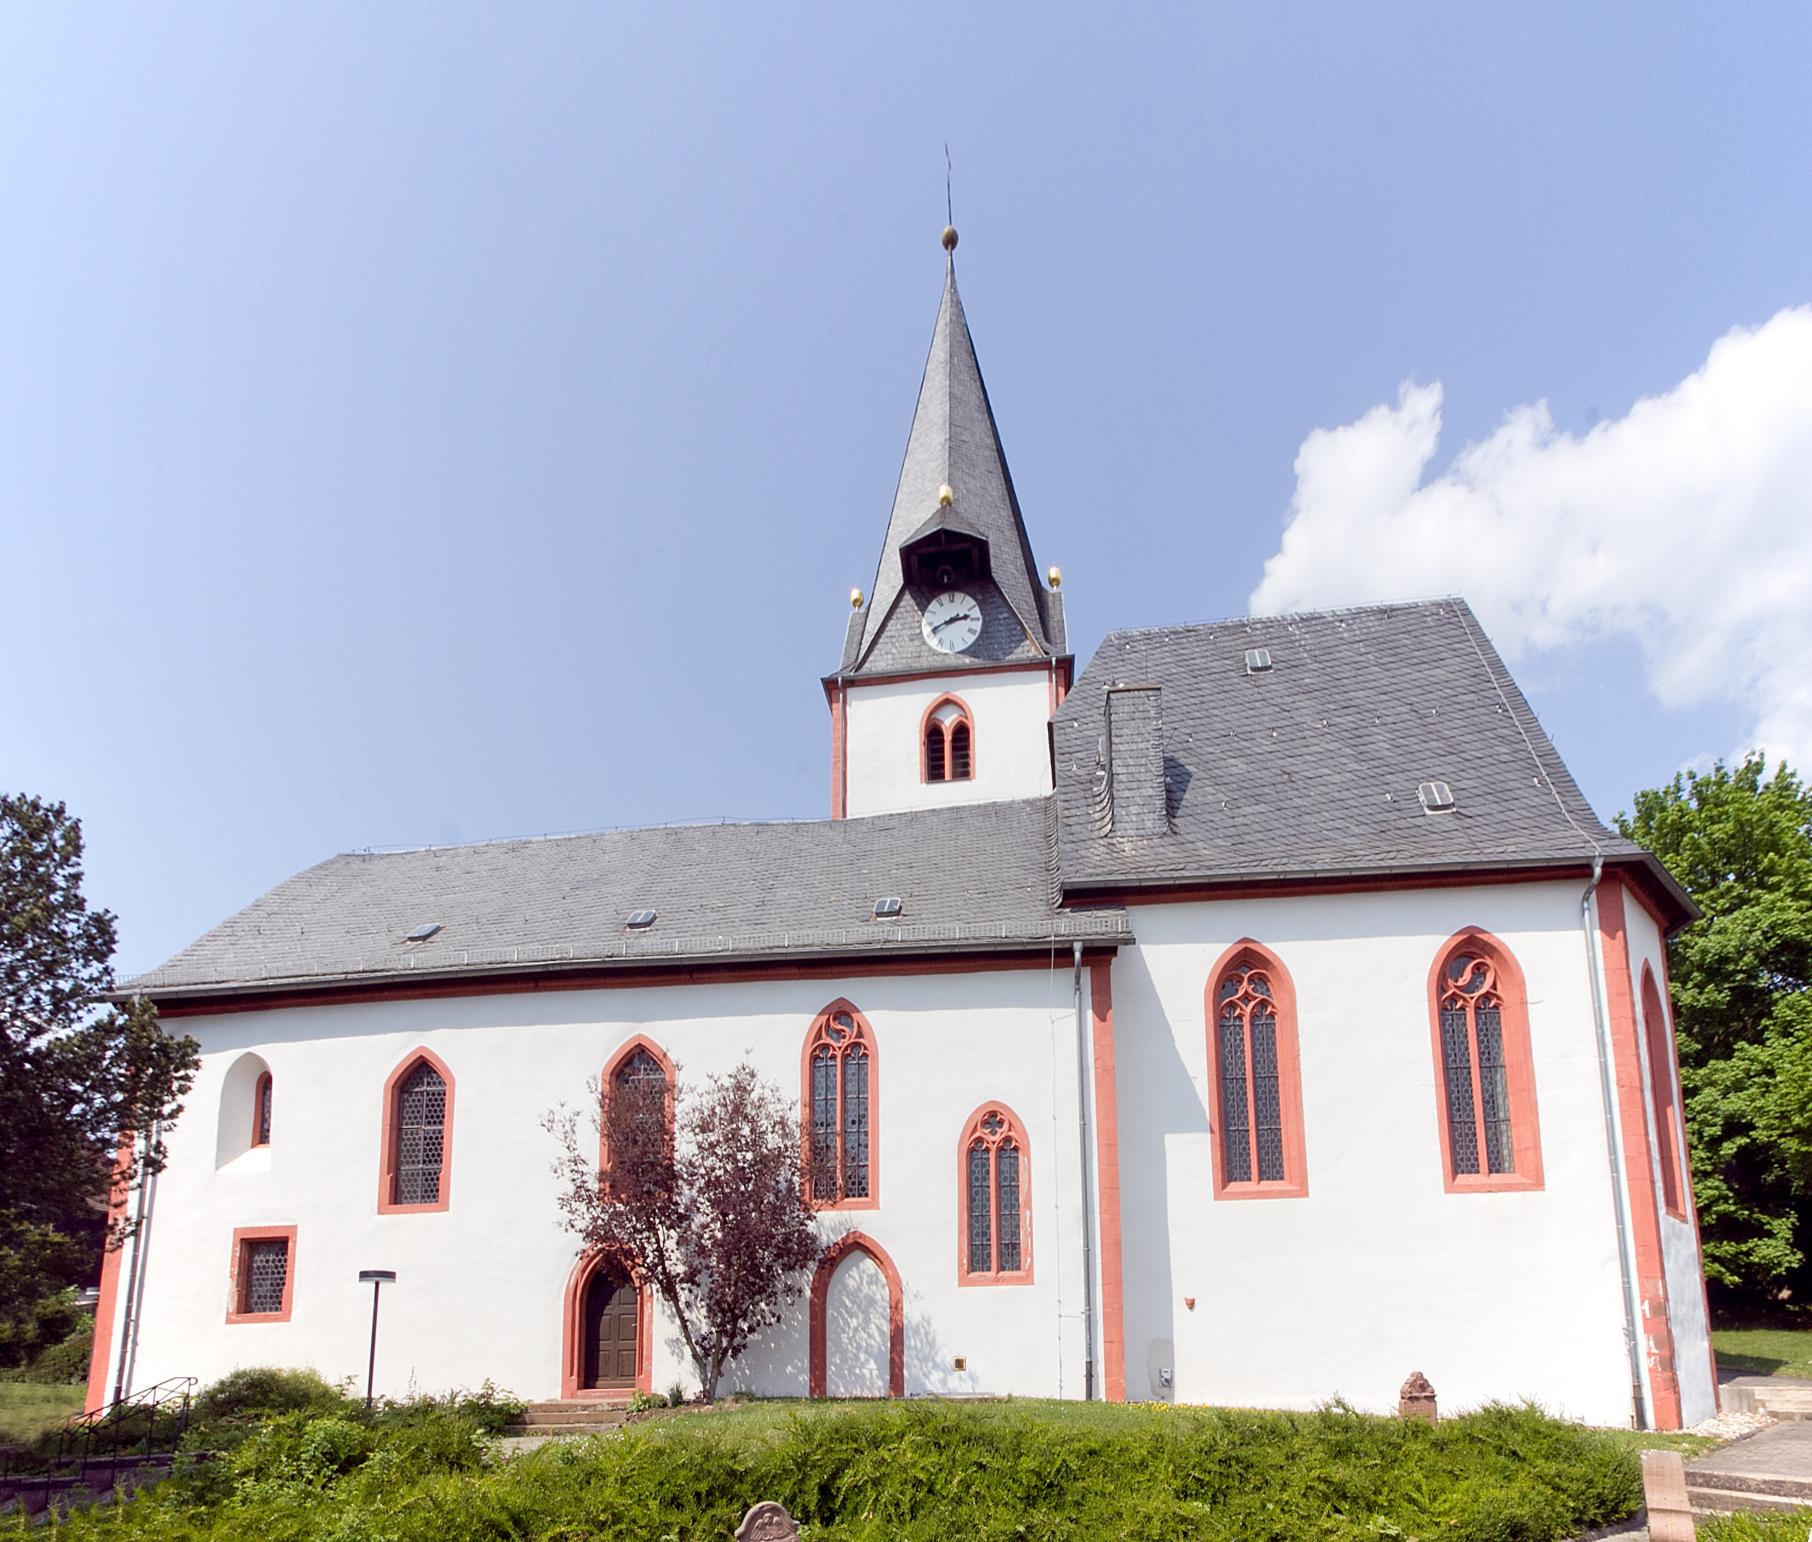 Ranstadt